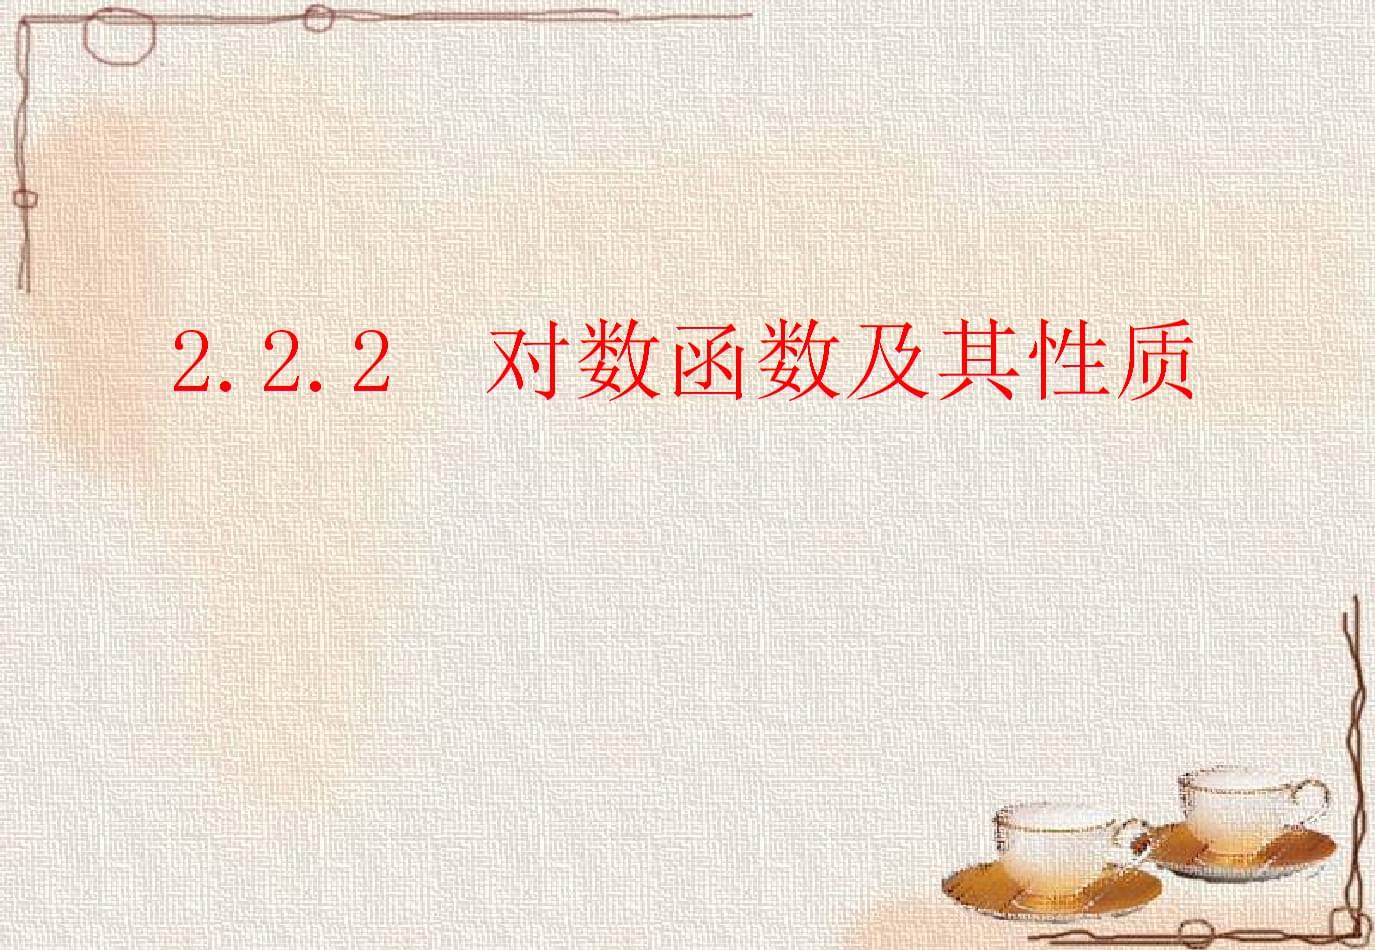 人教A版高中数学必修1课件:2.2.2《对数函数及其性质》课件(共20张PPT).ppt